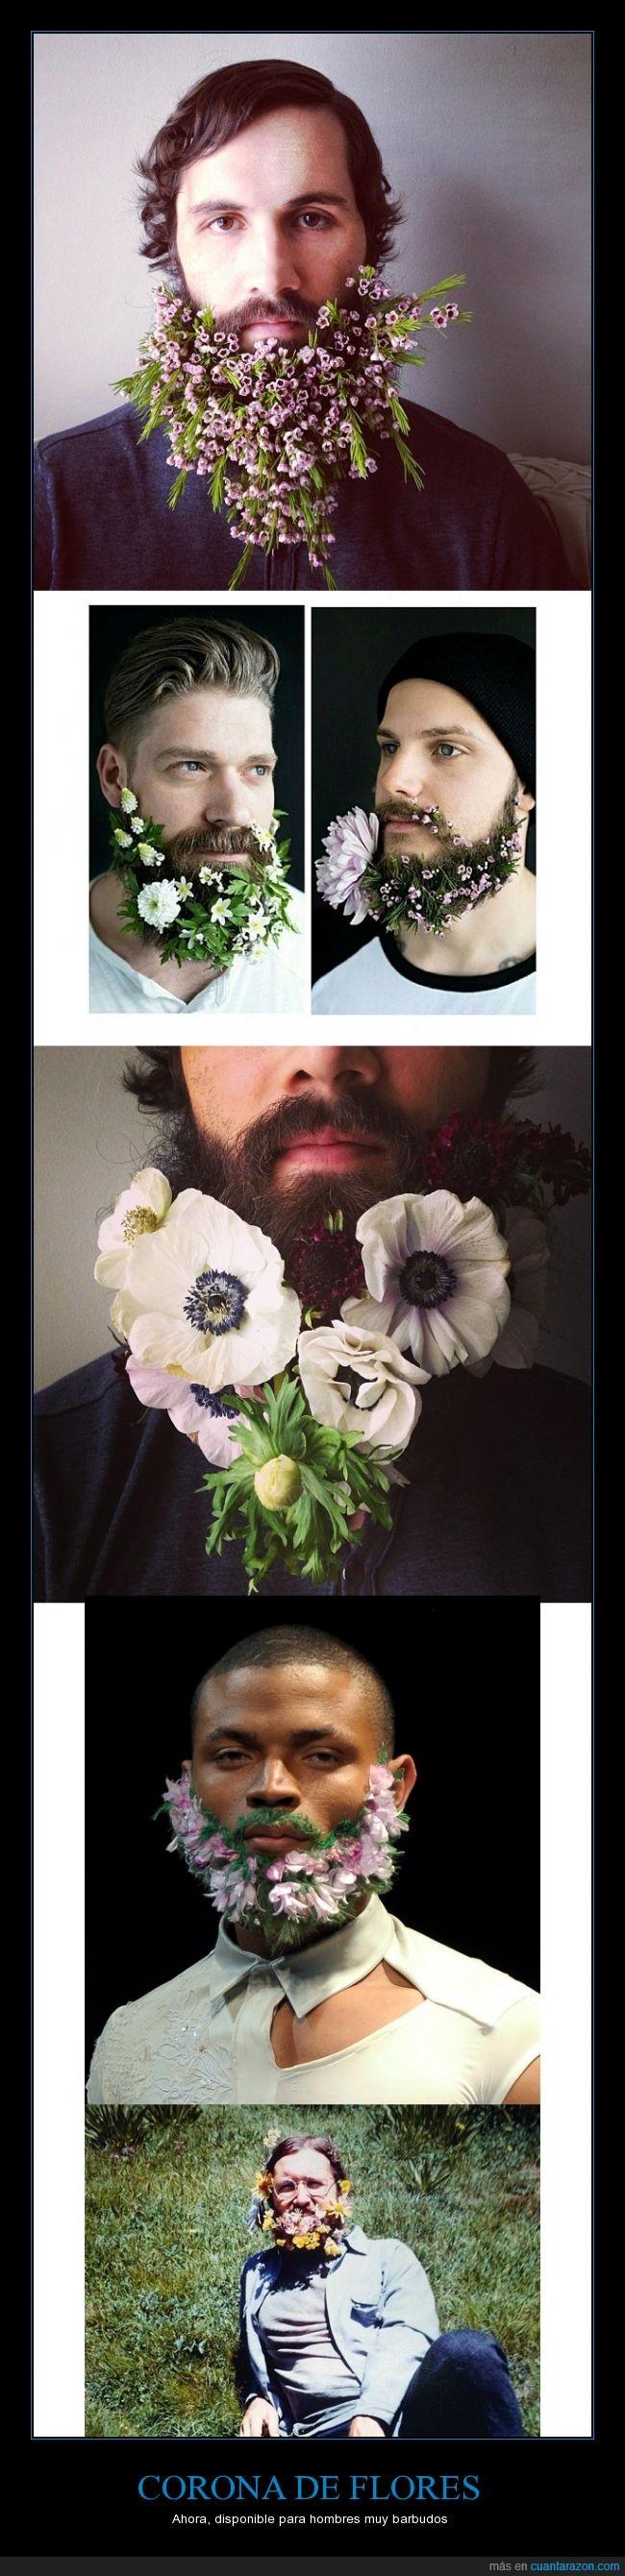 barba,corona,dentro,flor,flores,lana del rey,pegar,pelo